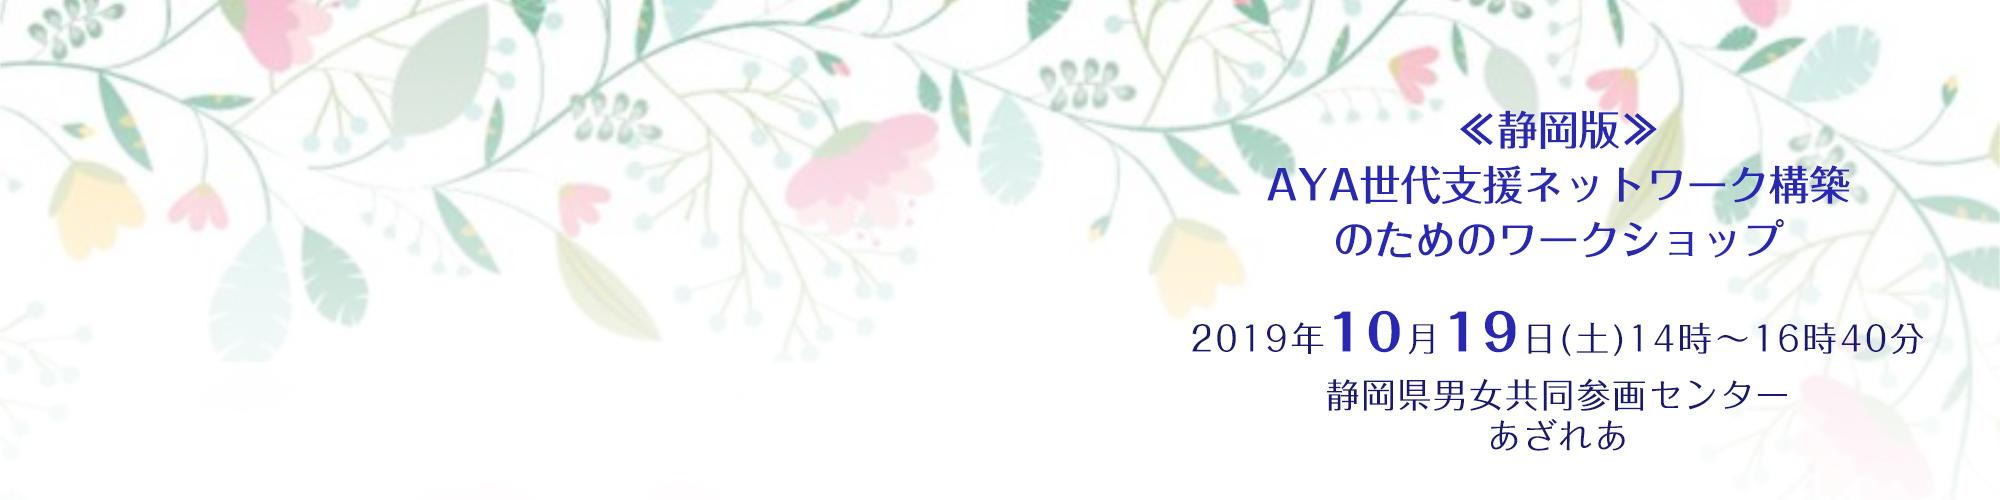 10月19日「静岡版 AYA世代支援ネットワーク構築のためのワークショップ」